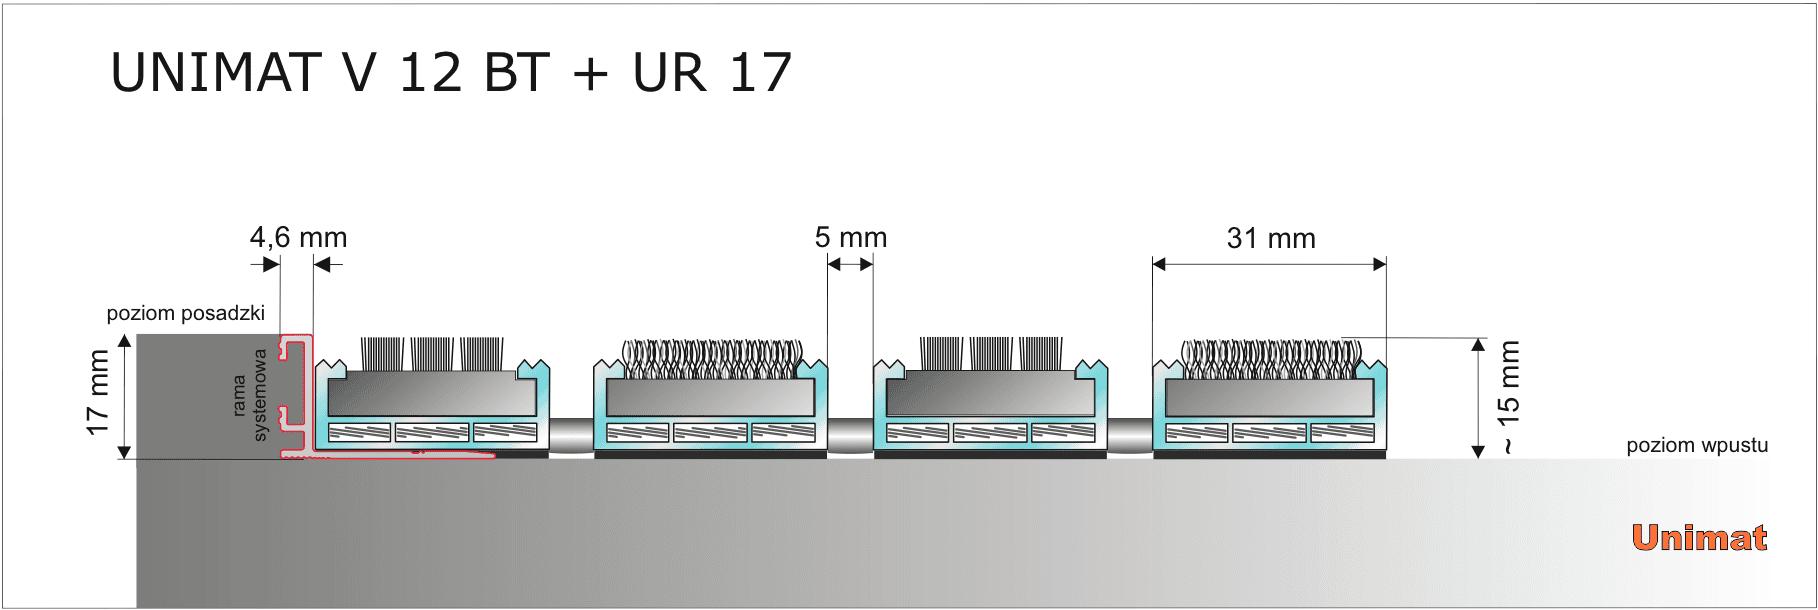 Unimat V 12 BT + UR 17.png